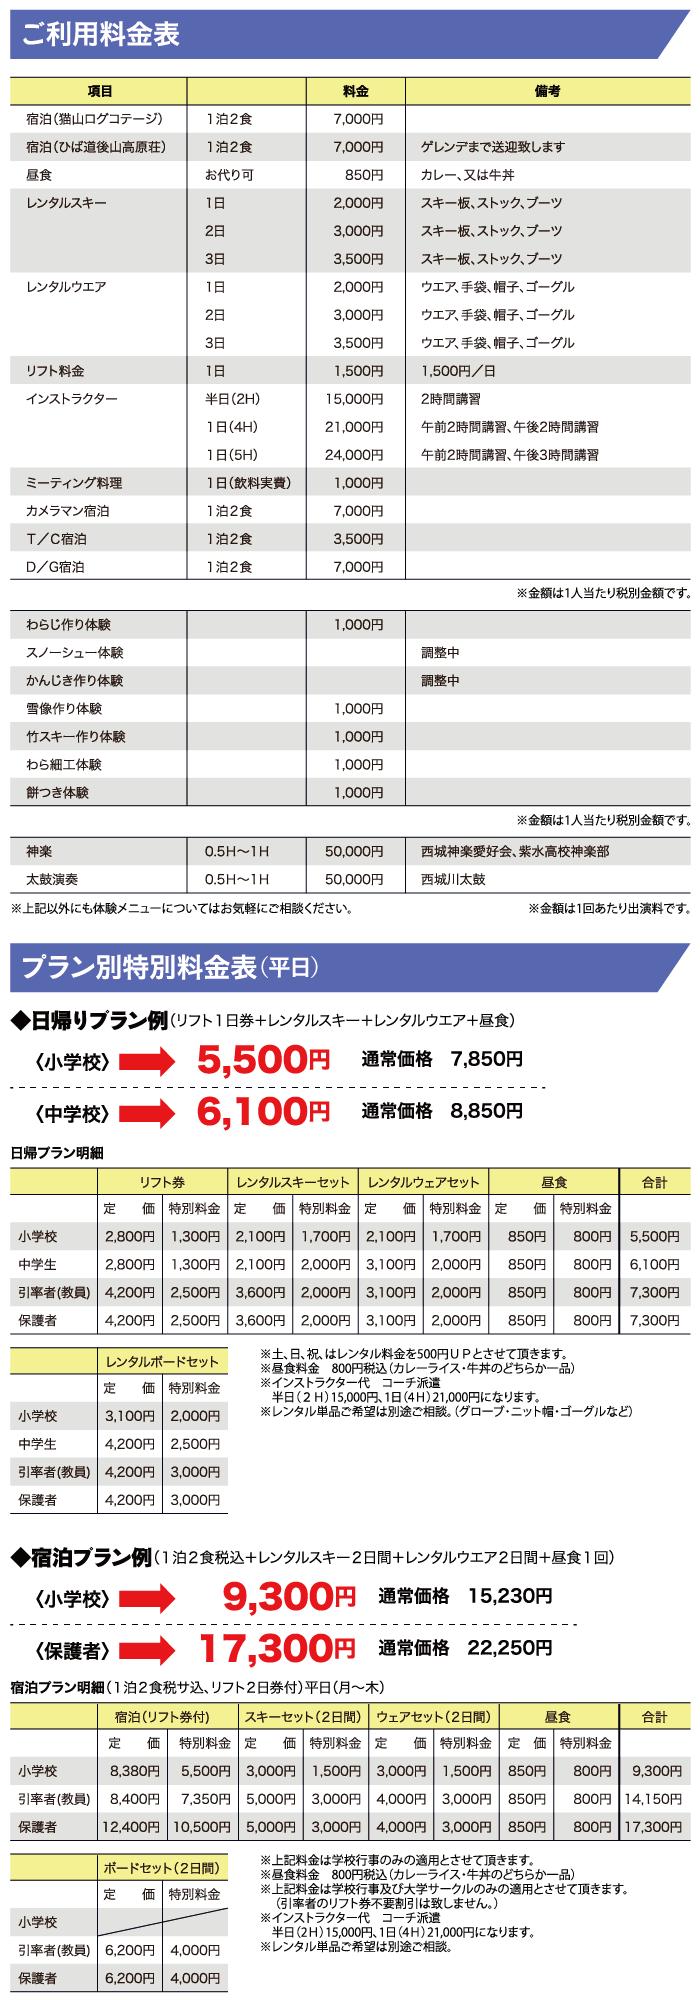 syugaku-3p